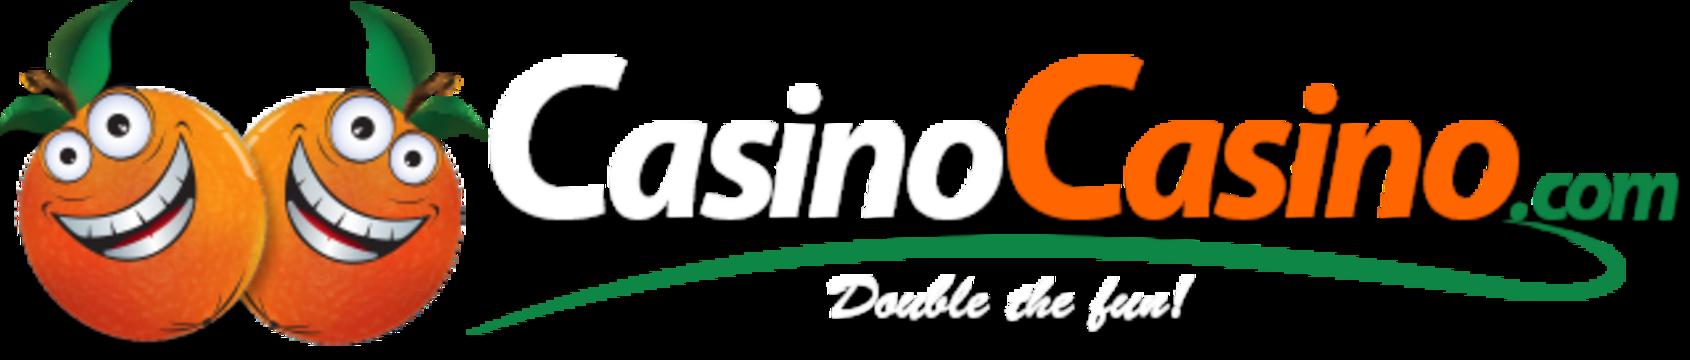 CasinoCasino